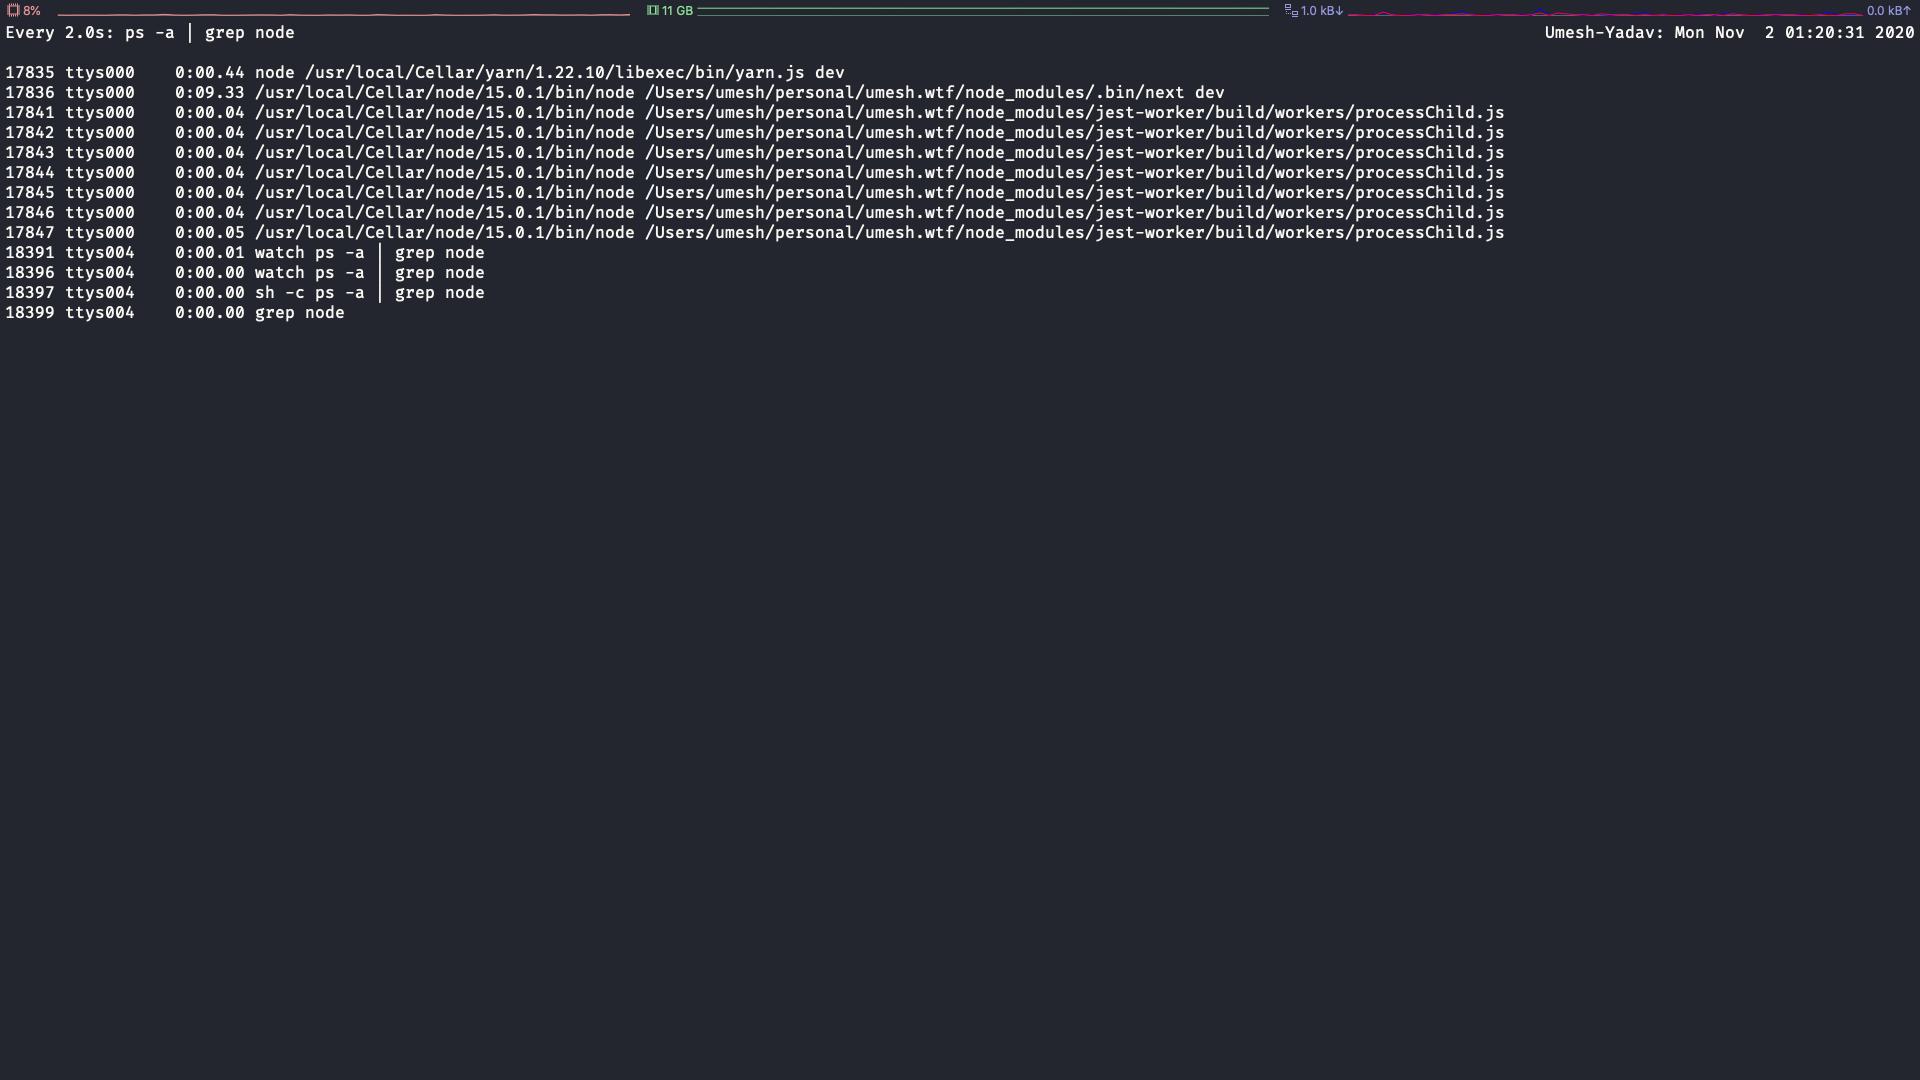 Screenshot 2020-11-02 at 1.20.33 AM.png